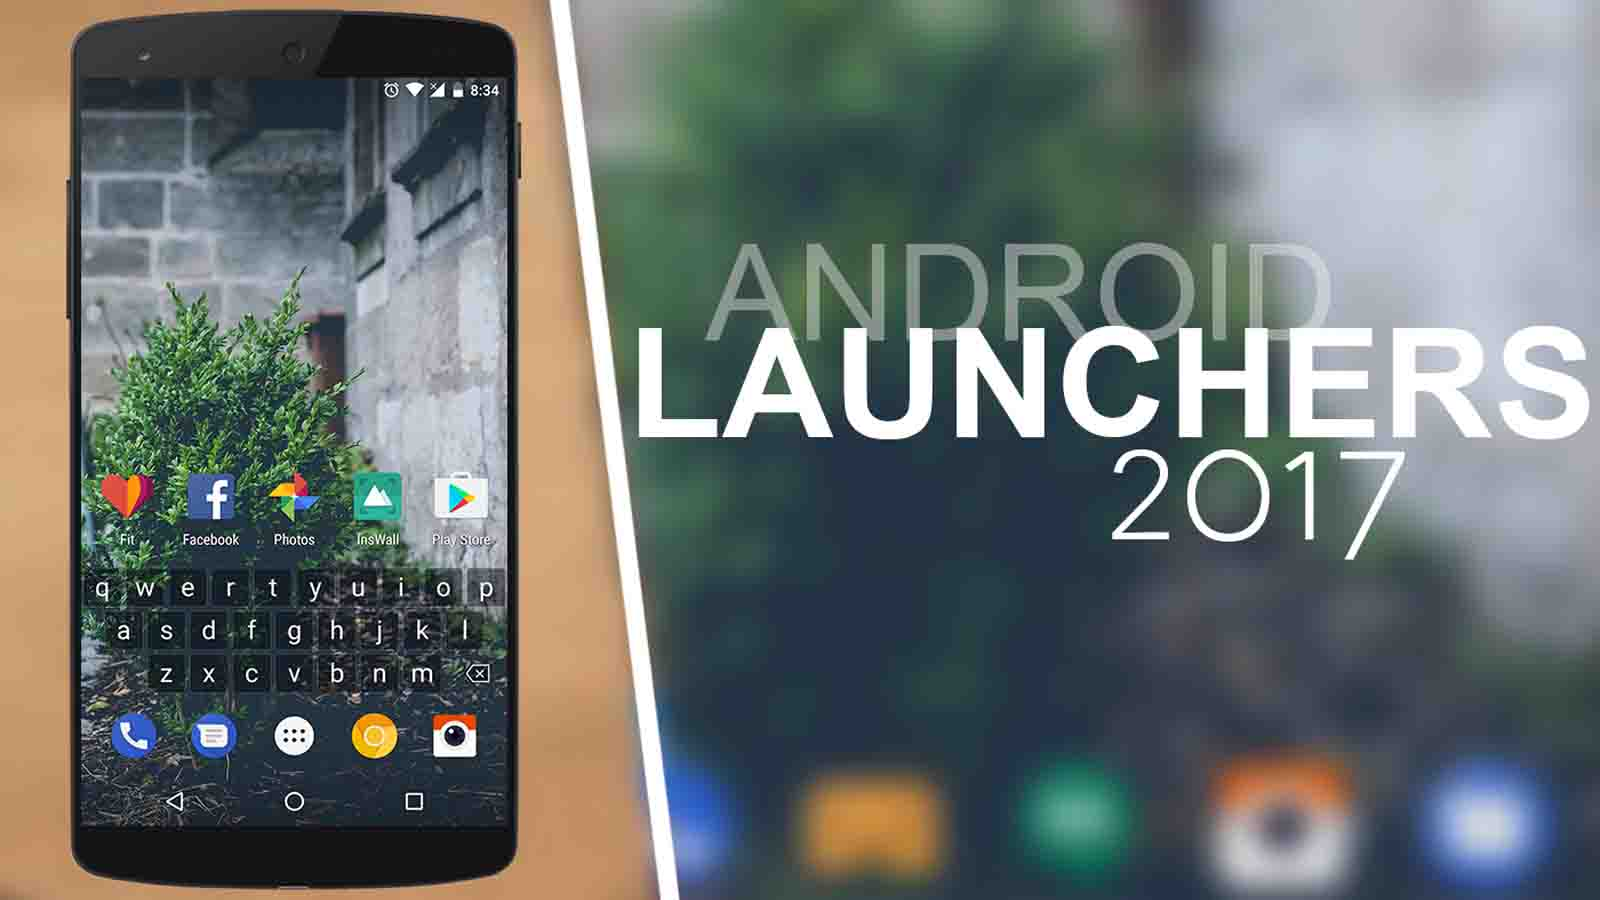 Tổng hợp 9 ứng dụng launcher Android tốt nhất năm 2017